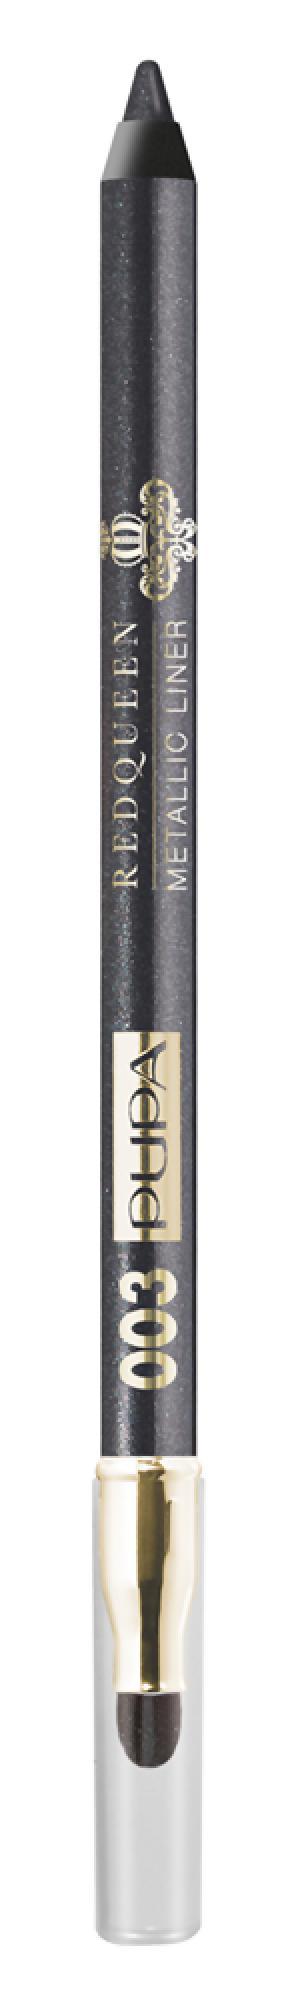 Карандаш для глаз Pupa 003 Sparkle Black. Цвет: 003 sparkle black